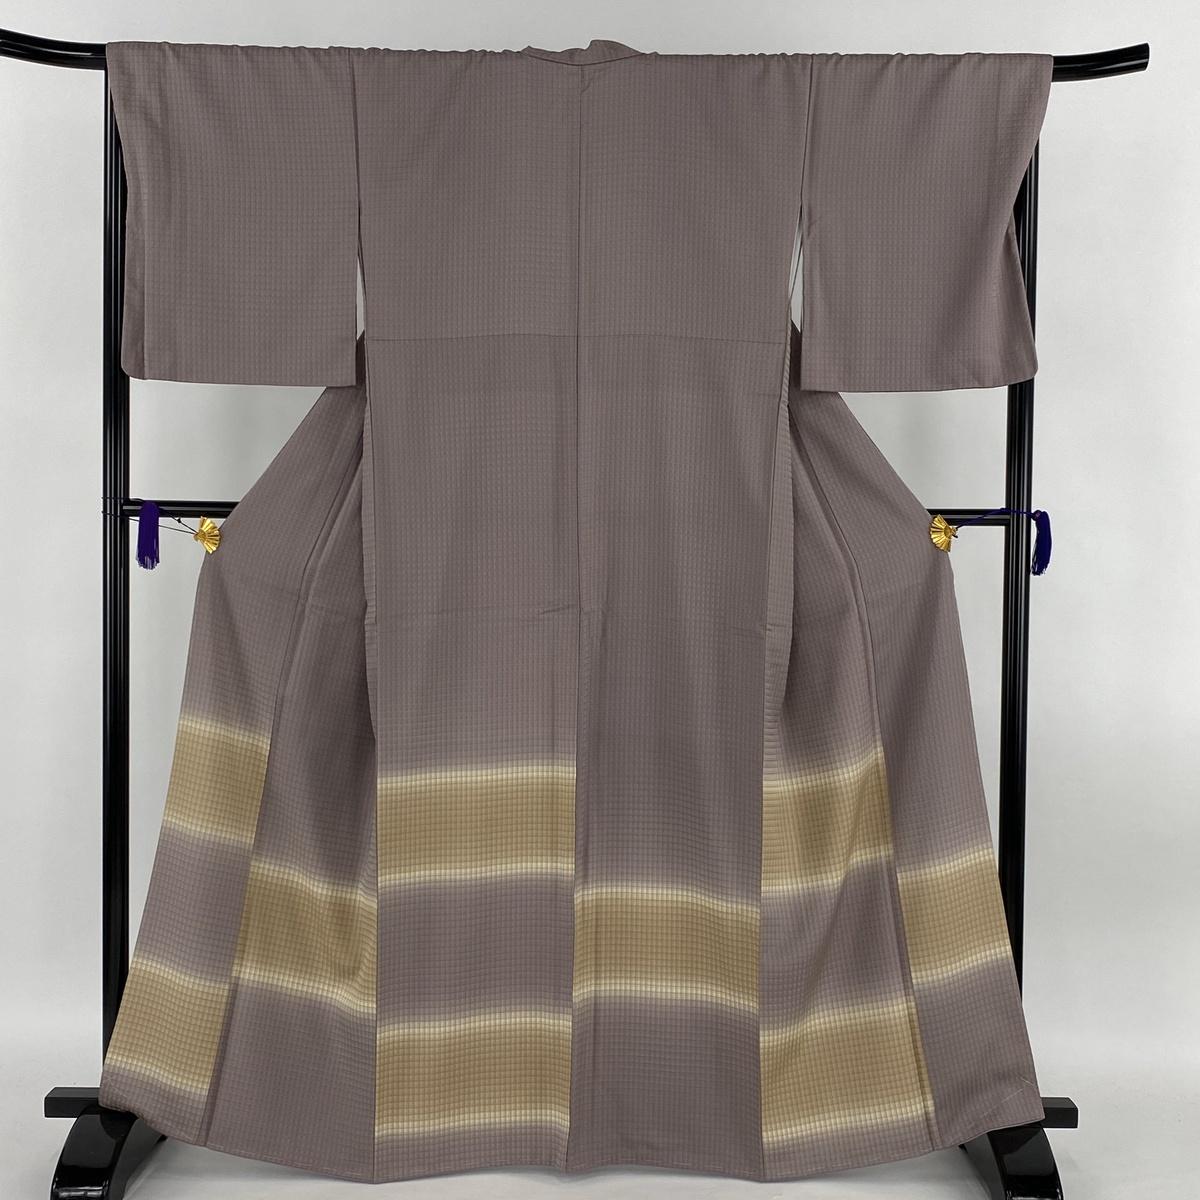 付下げ 美品 逸品 段縞 格子模様 ぼかし 薄紫 袷 身丈164cm 裄丈70cm L 正絹 【中古】